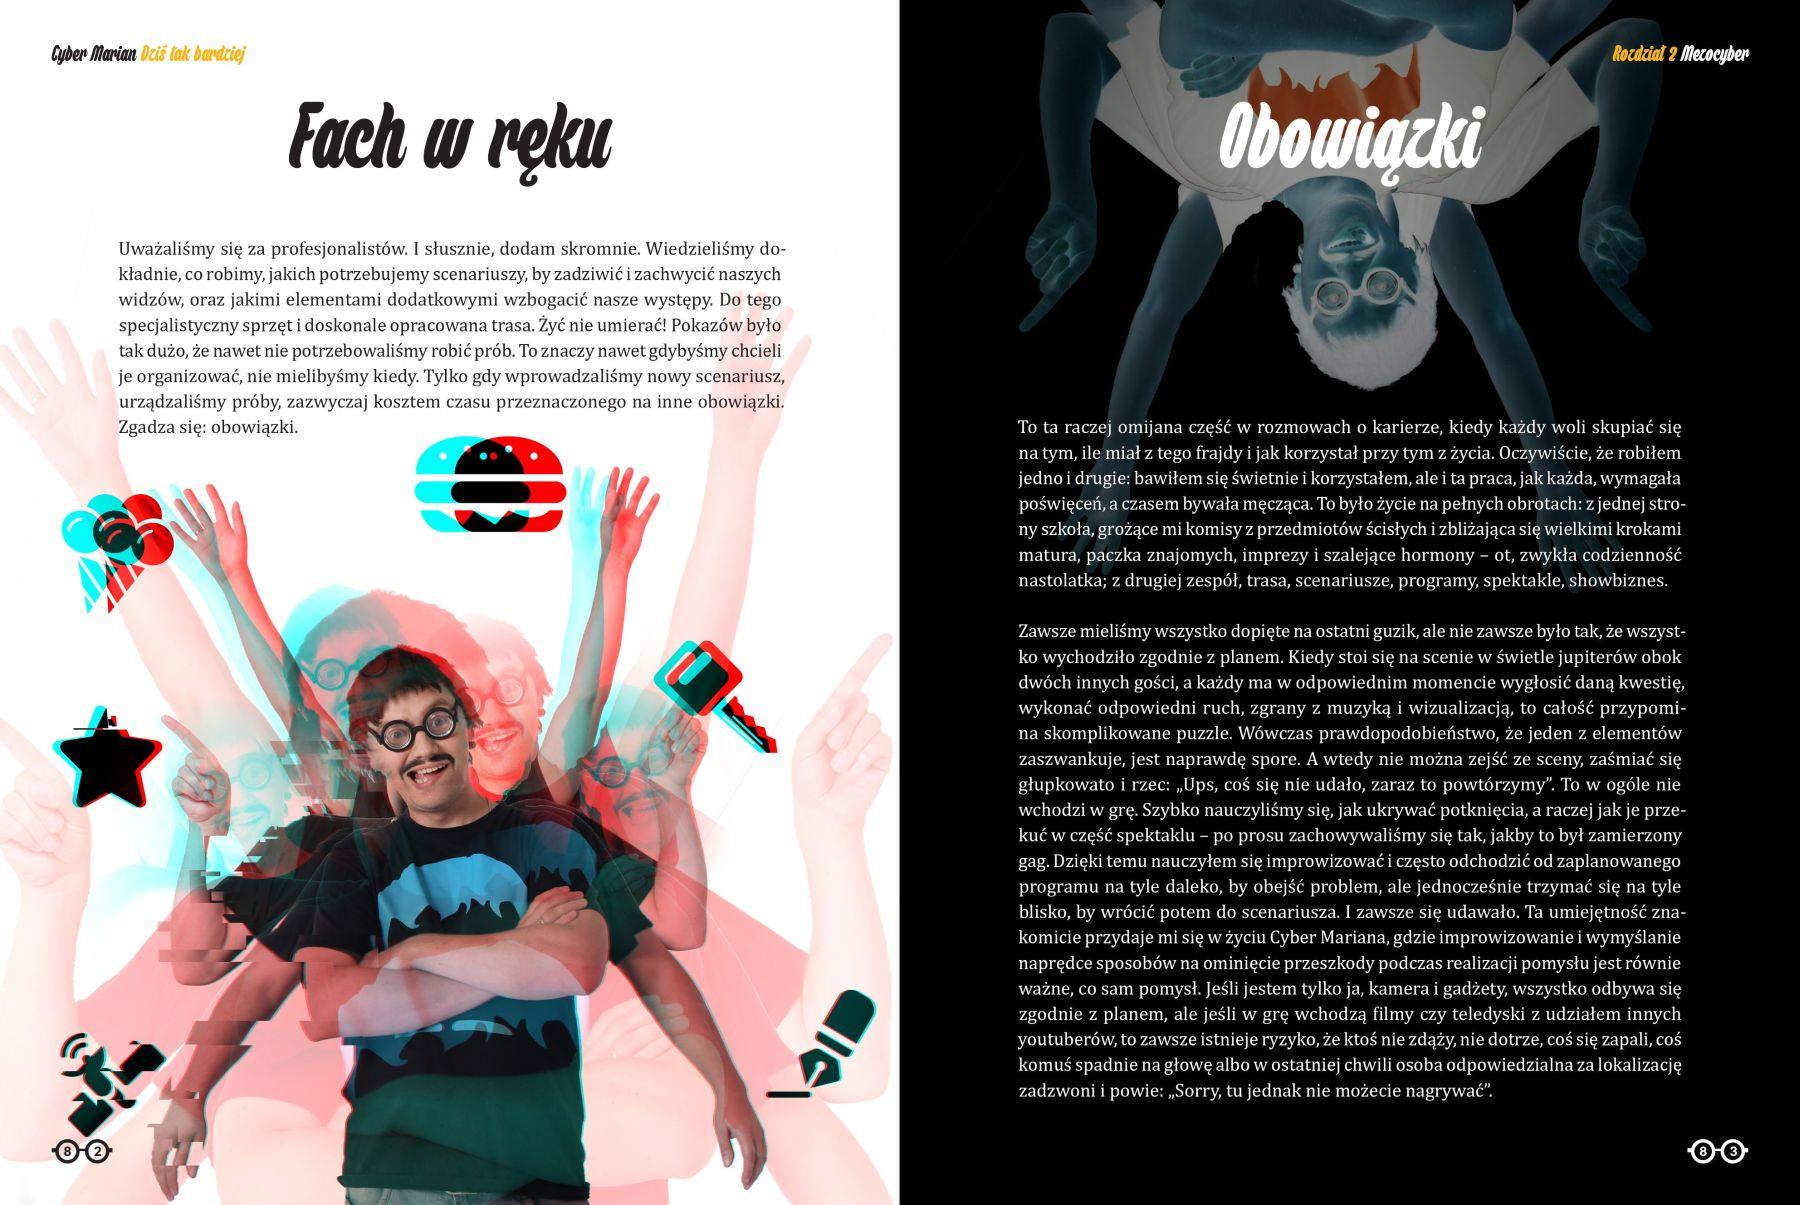 Cyber Marian, Dziś tak bardziej - strony 82-83